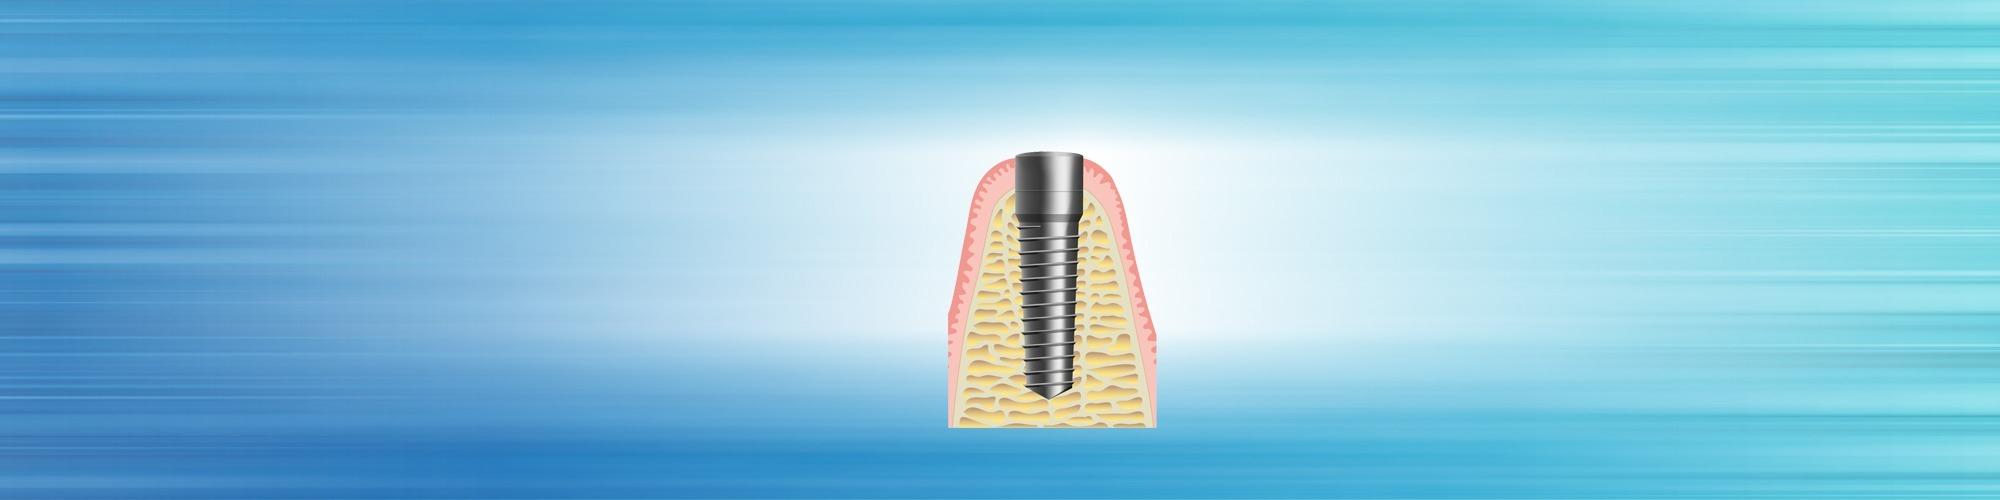 zahnimplantate schritt 3